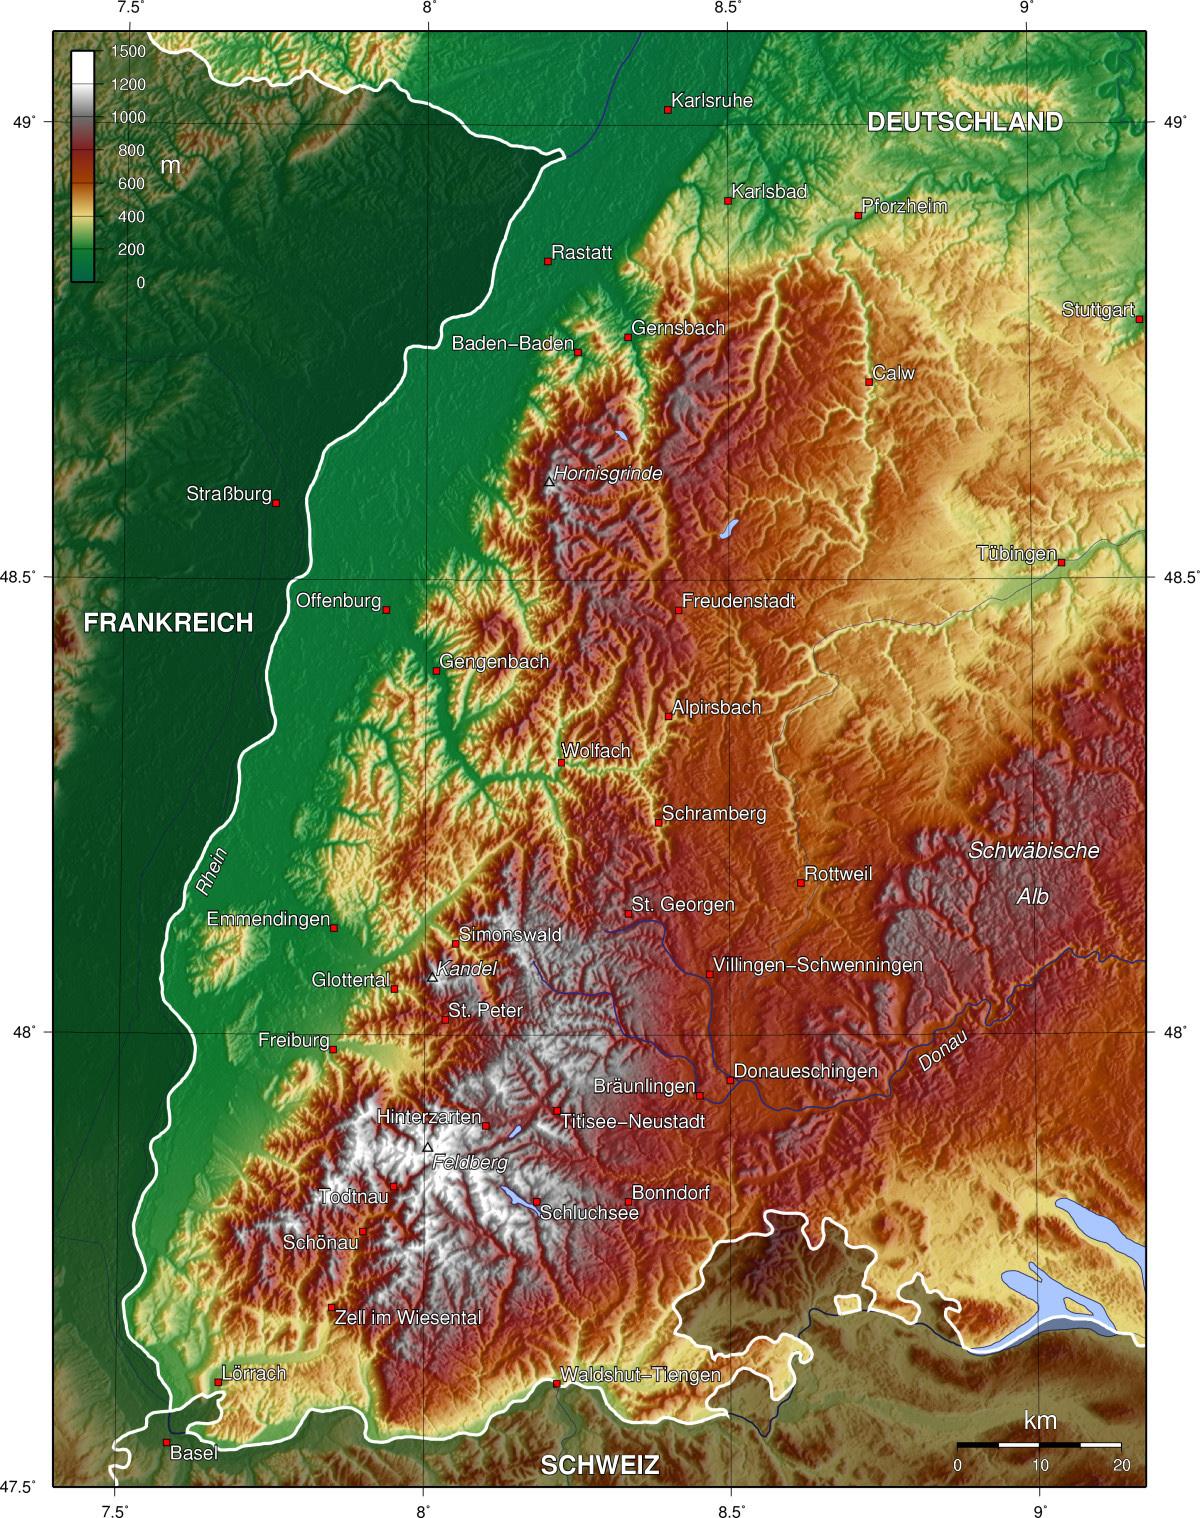 Falsche Ortsbezeichnung auf Karte des Schwarzwalds[Quelltext bearbeiten]